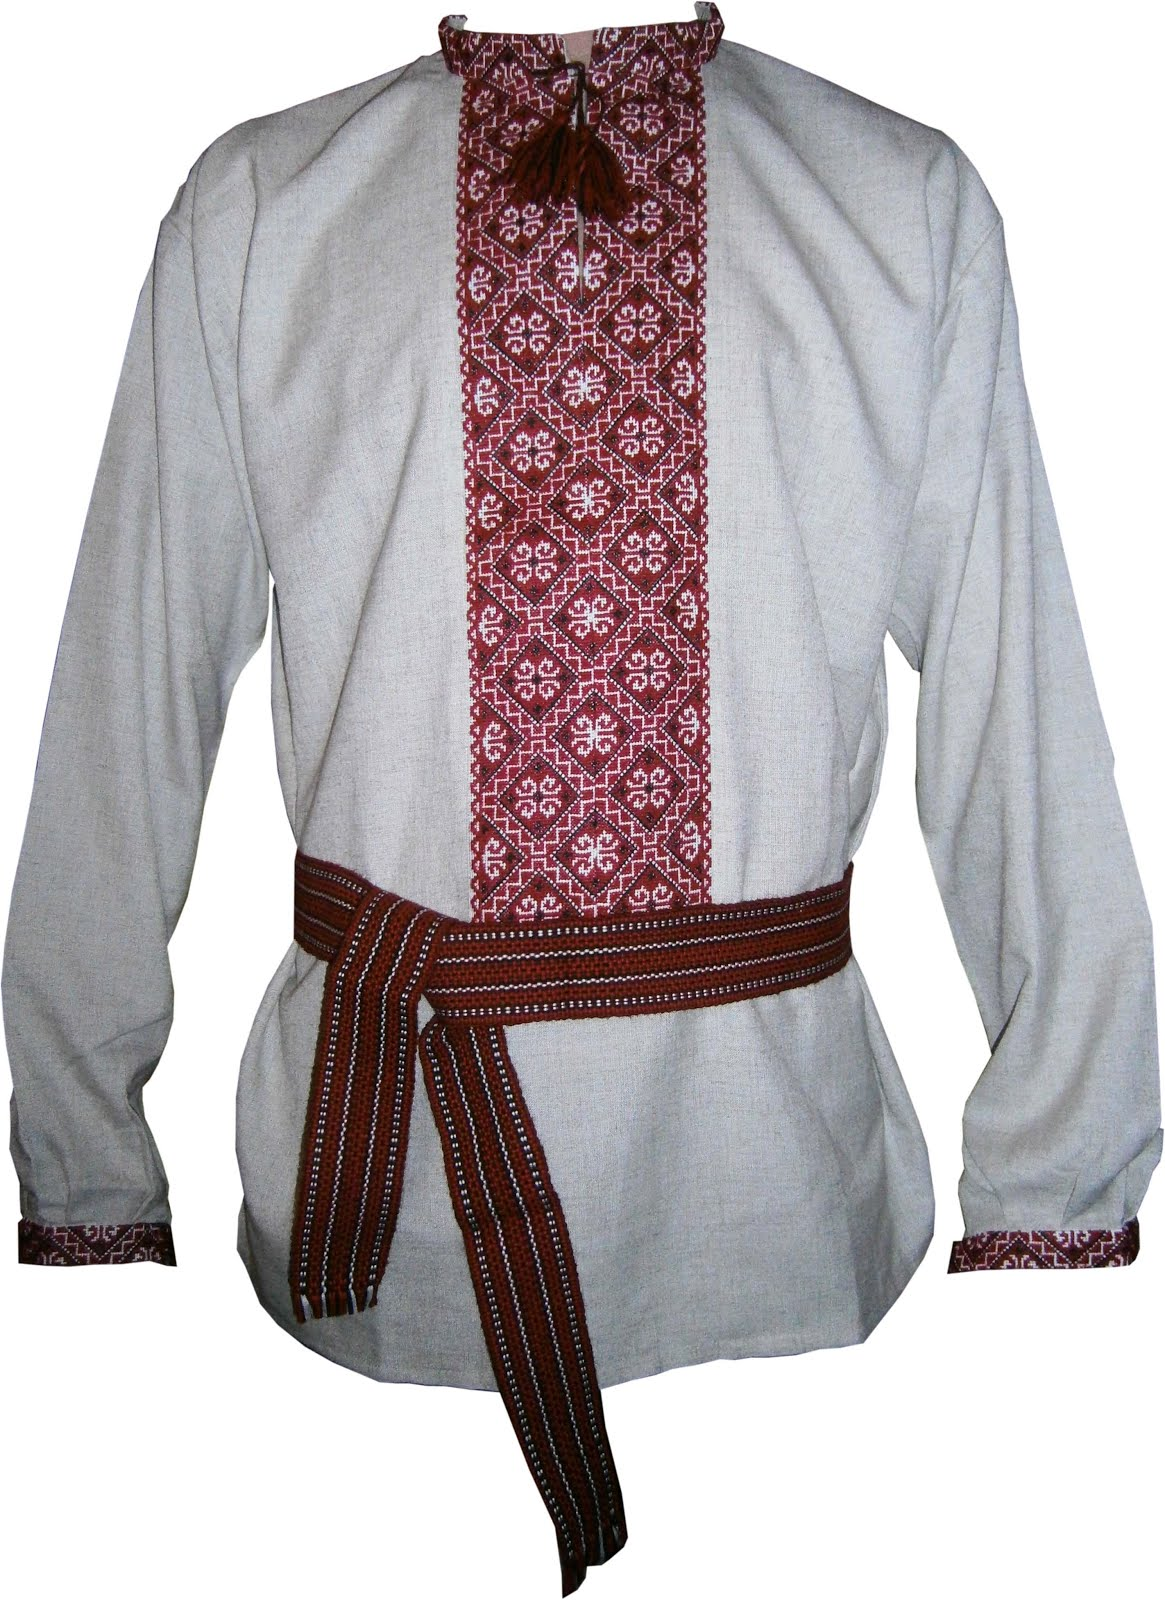 Вишиванка - Інтернет-магазин вишиванок  Вишиванка e1bcf8a64d9ac